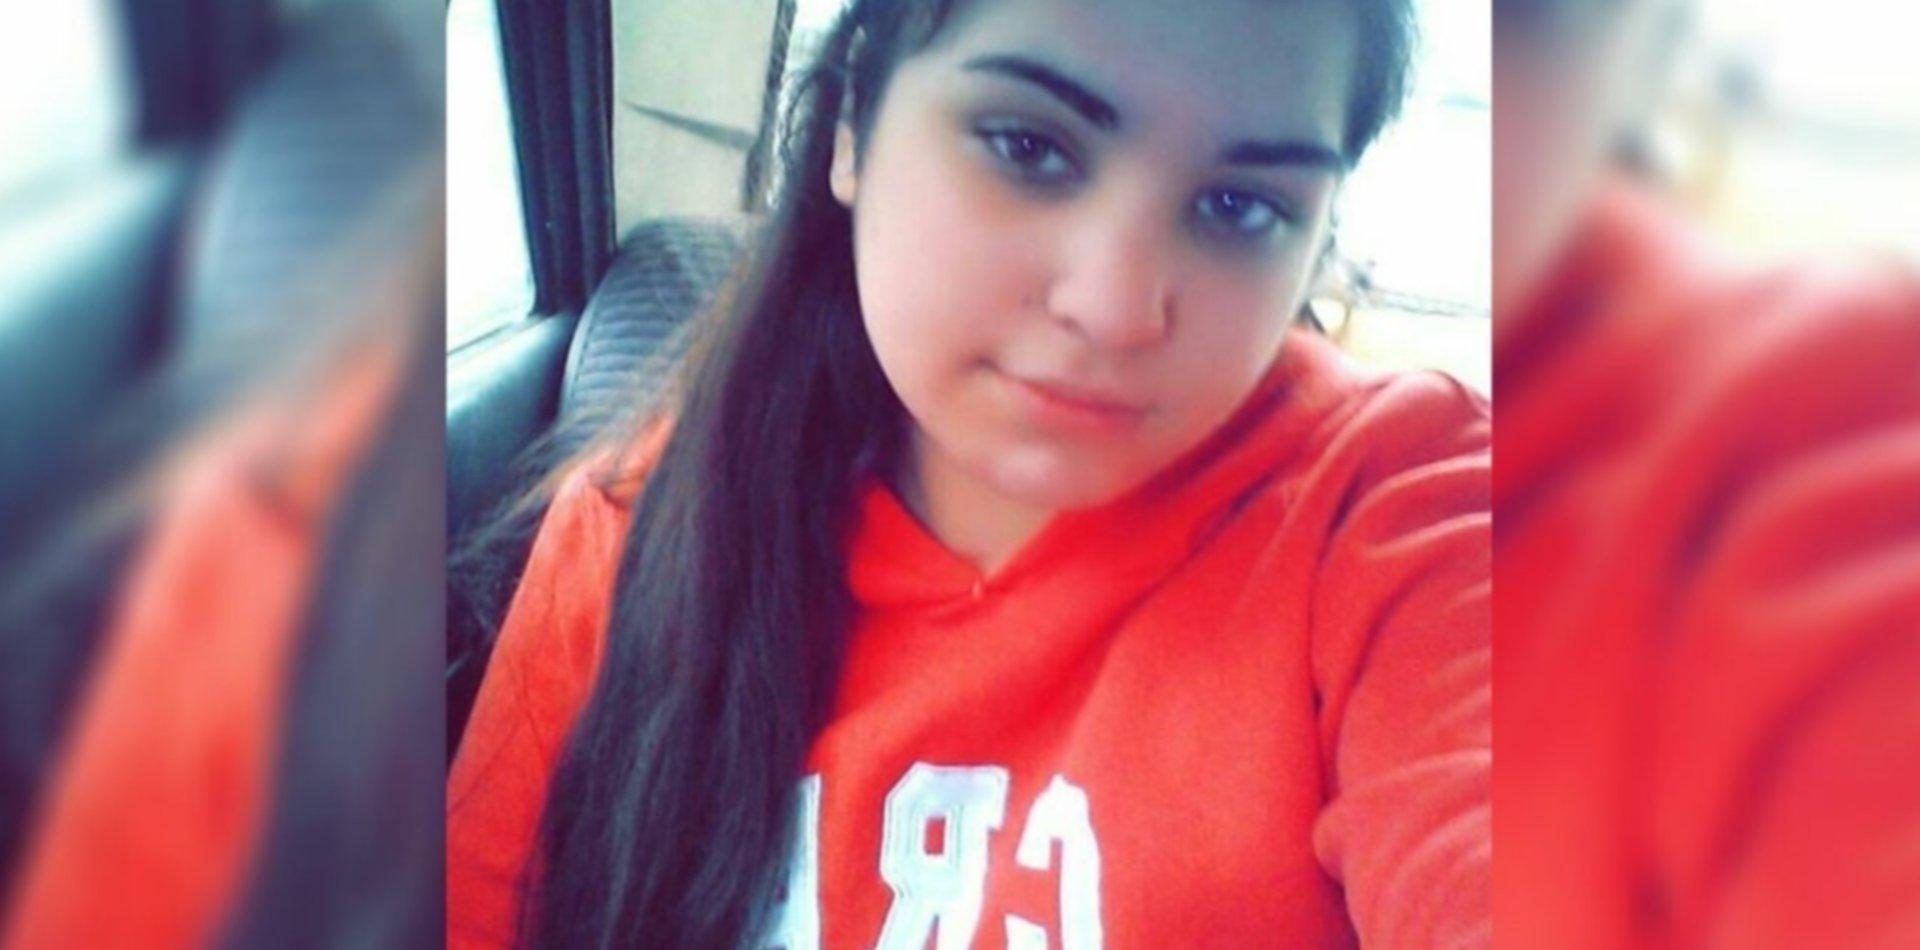 Buscan intensamente a una chica de 19 años en La Plata